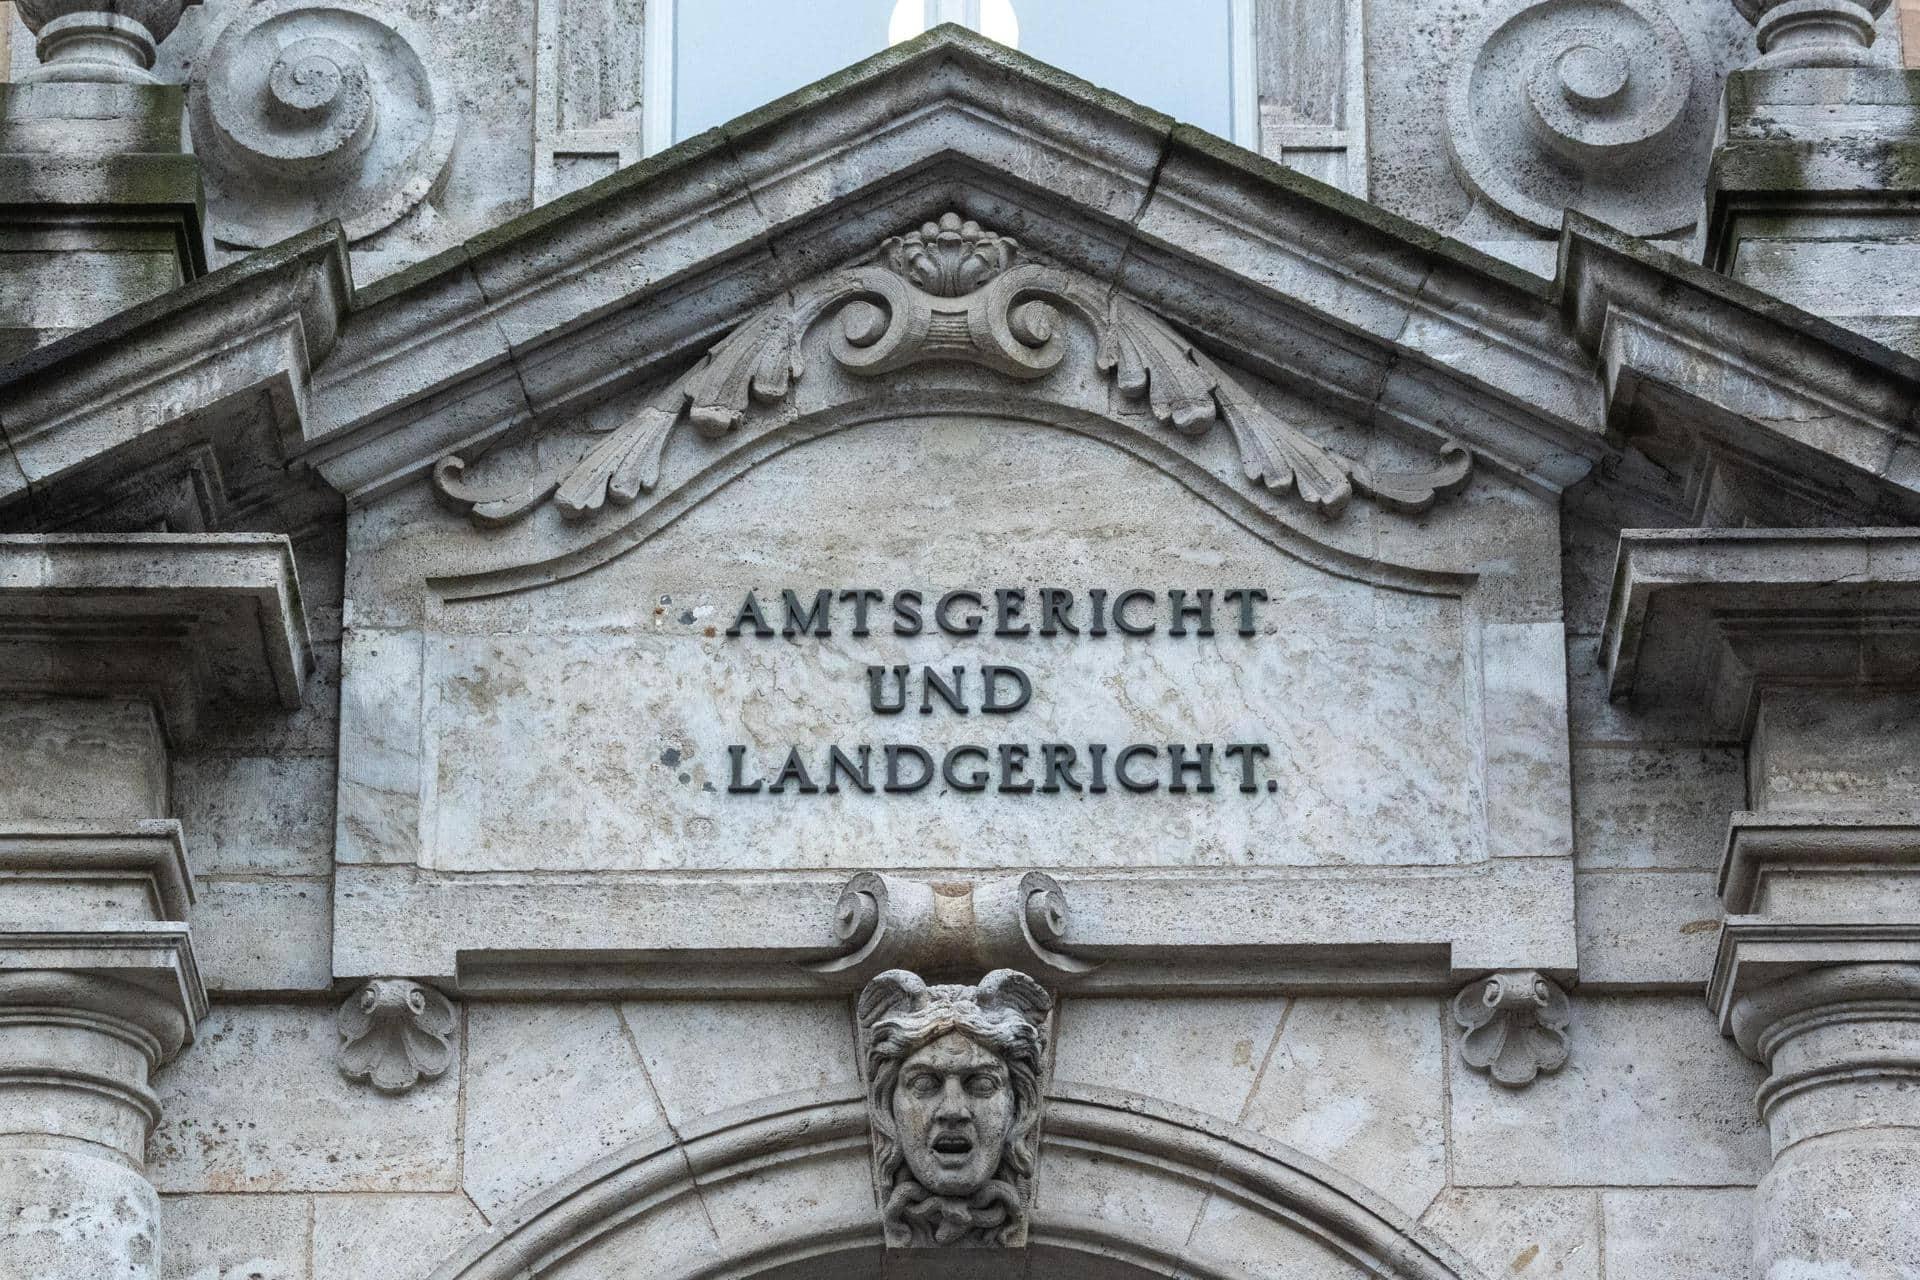 Regensburg: Vater gesteht Tötung seiner beiden Kinder Urteil im Mai erwartet